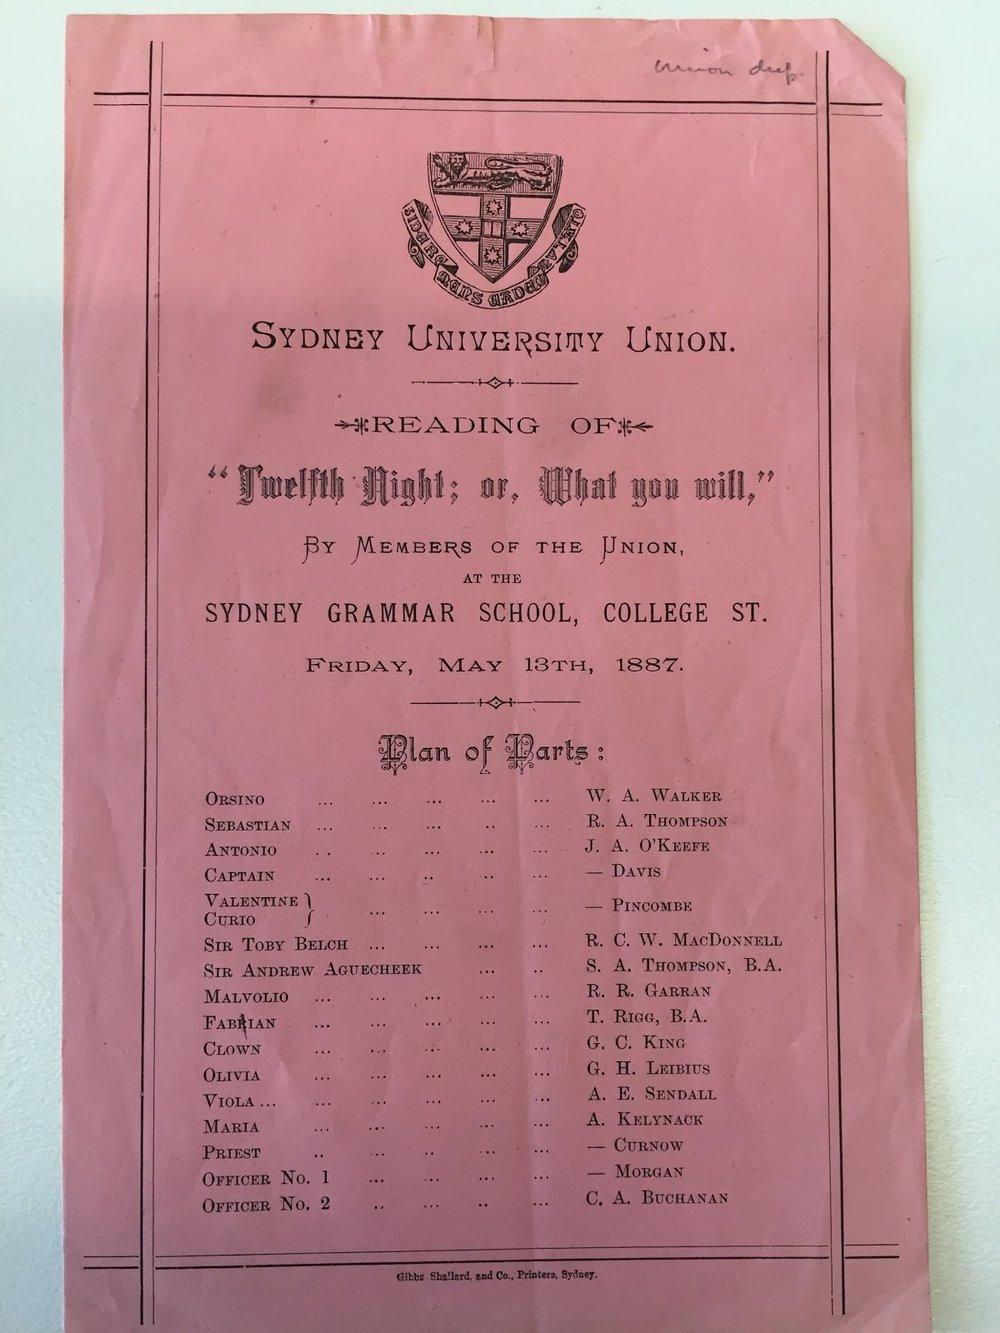 Via The University of Sydney Archives Centre S63/10